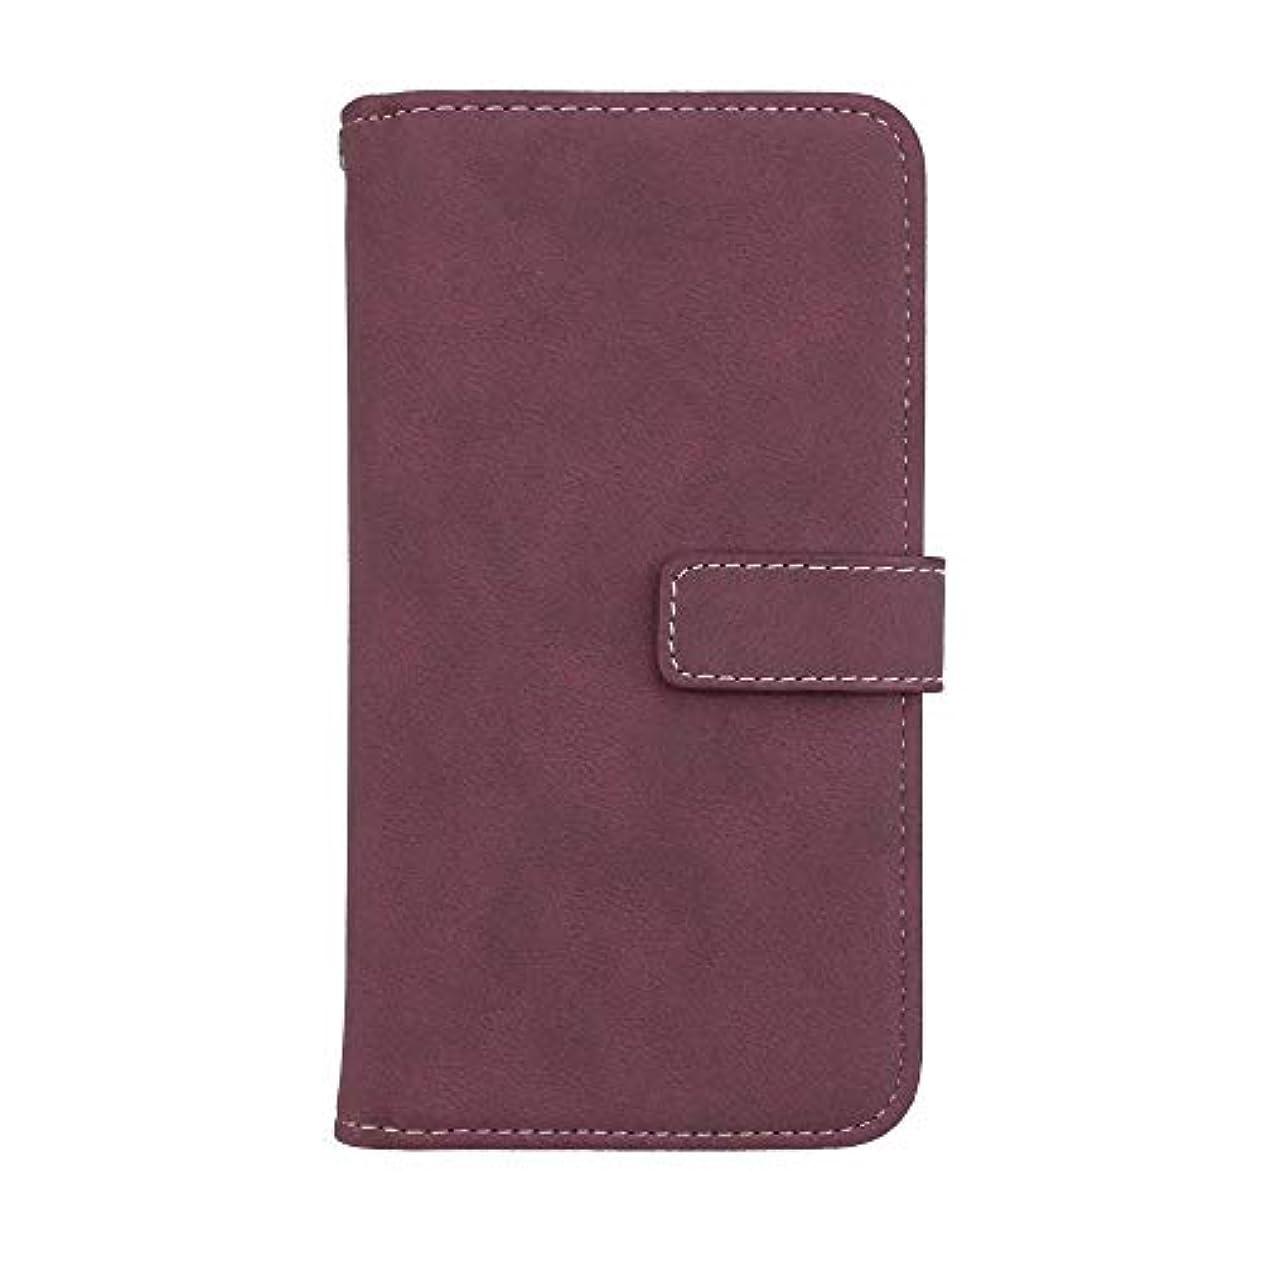 鳥従う必要性Xiaomi Redmi Note 4 高品質 マグネット ケース, CUNUS 携帯電話 ケース 軽量 柔軟 高品質 耐摩擦 カード収納 カバー Xiaomi Redmi Note 4 用, ローズレッド